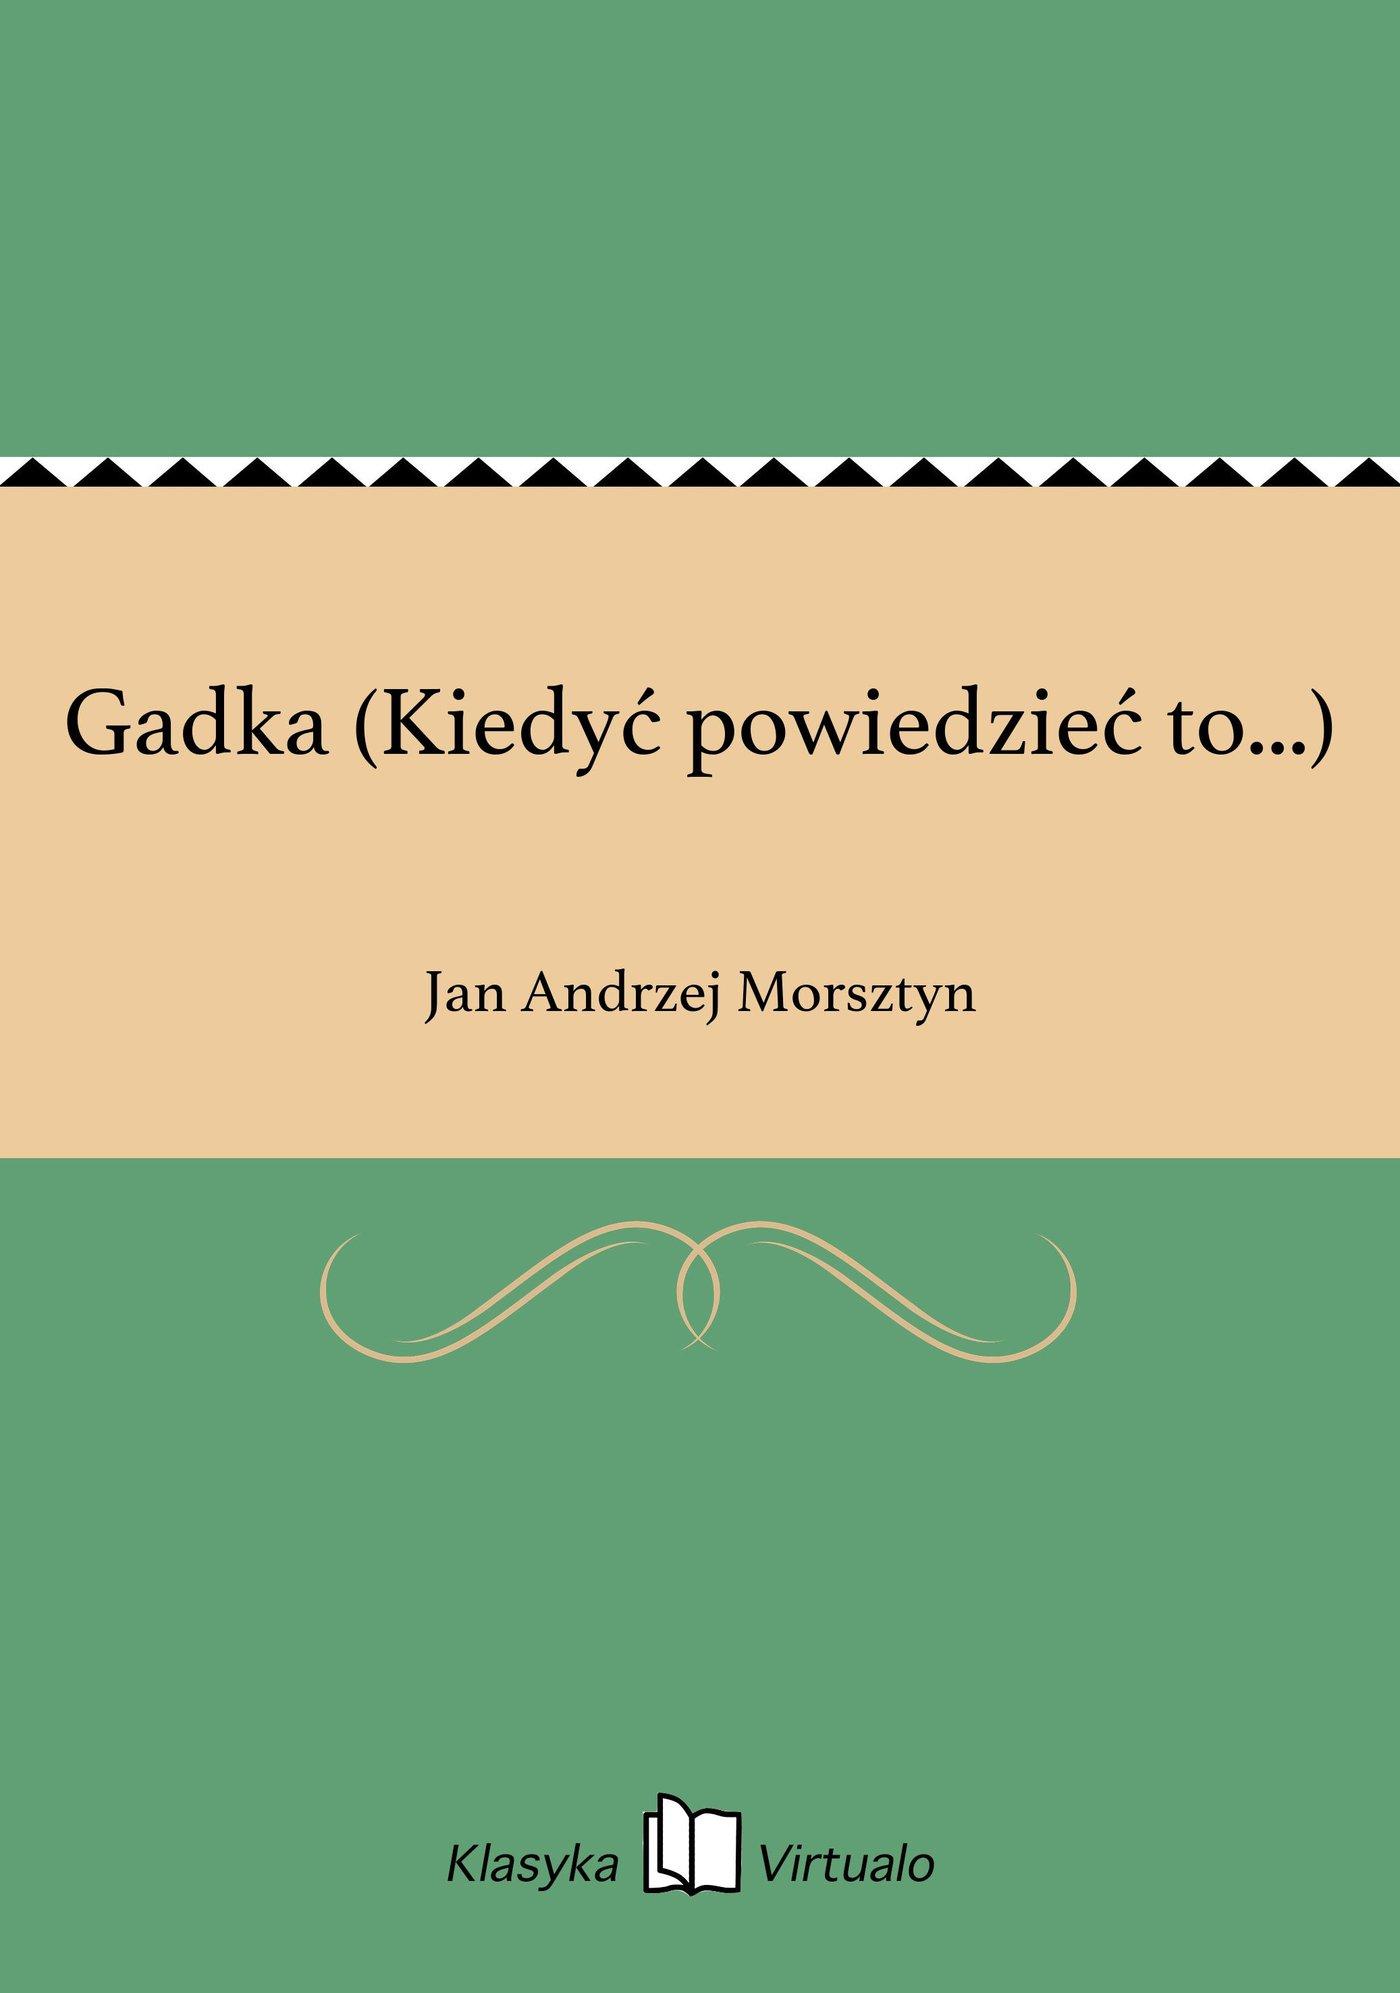 Gadka (Kiedyć powiedzieć to...) - Ebook (Książka EPUB) do pobrania w formacie EPUB